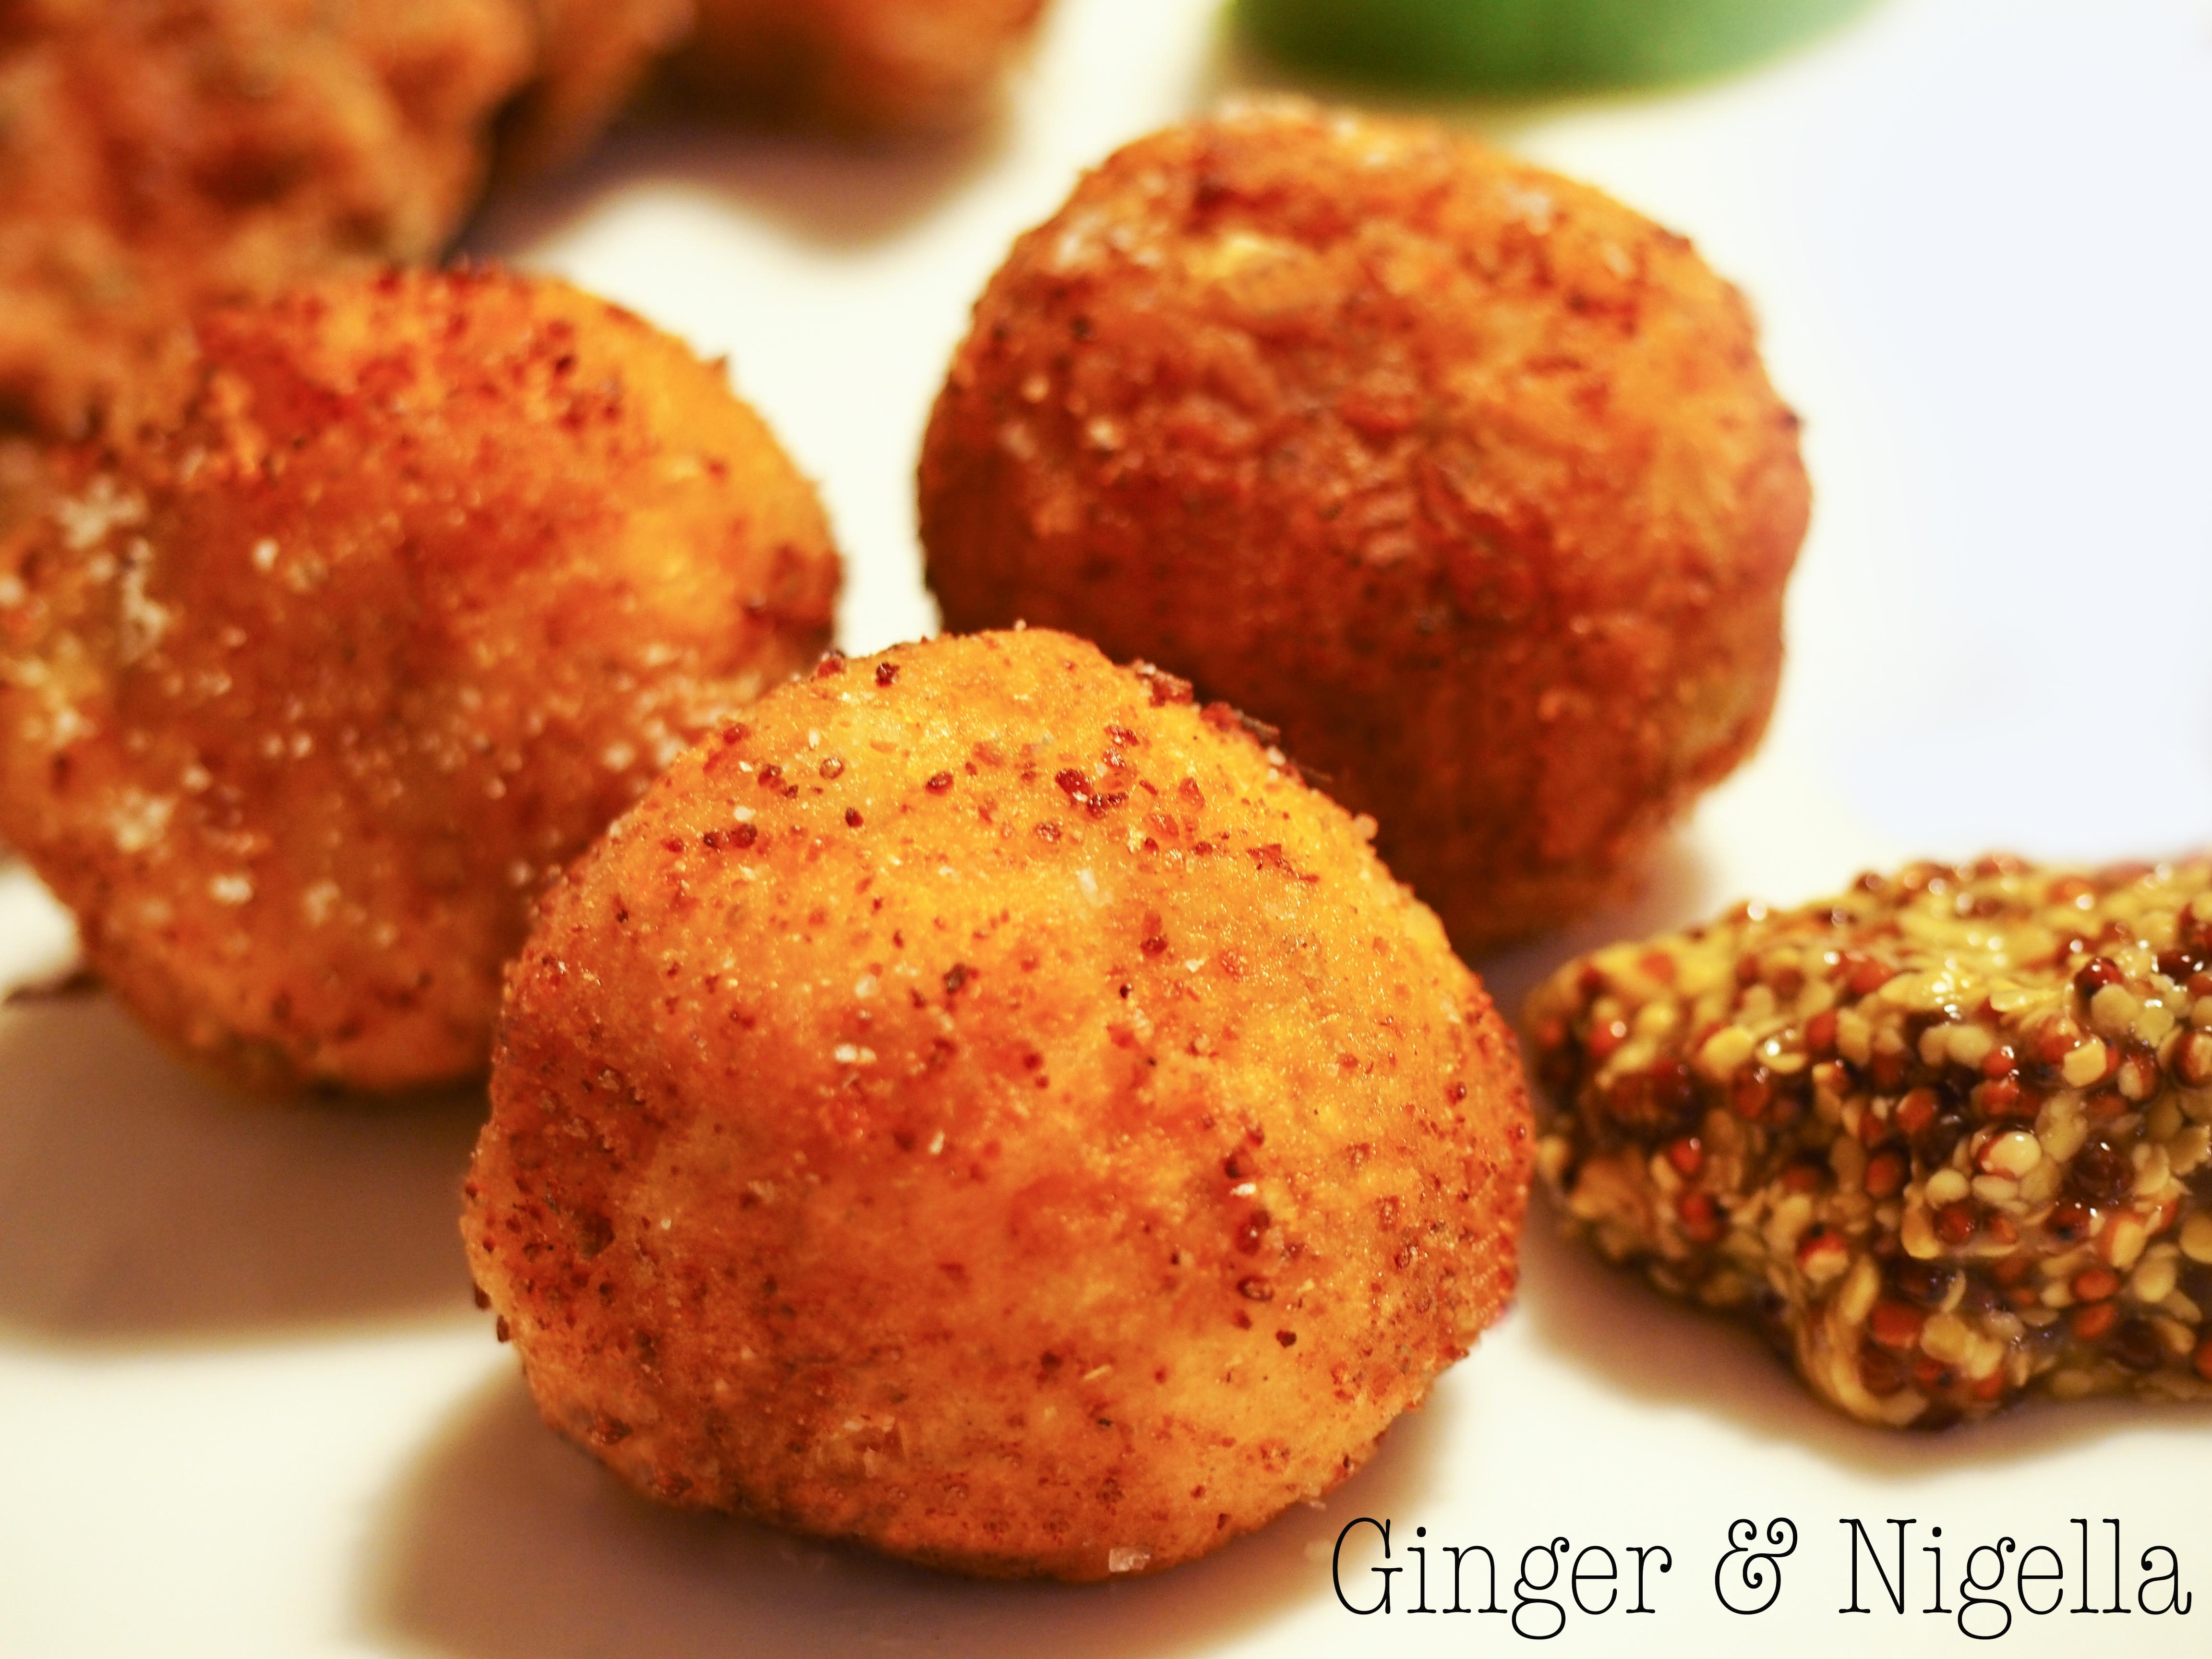 secondi piatti - pagina 4 di 8 - ginger & nigella - Olio Di Sesamo Per Cucinare